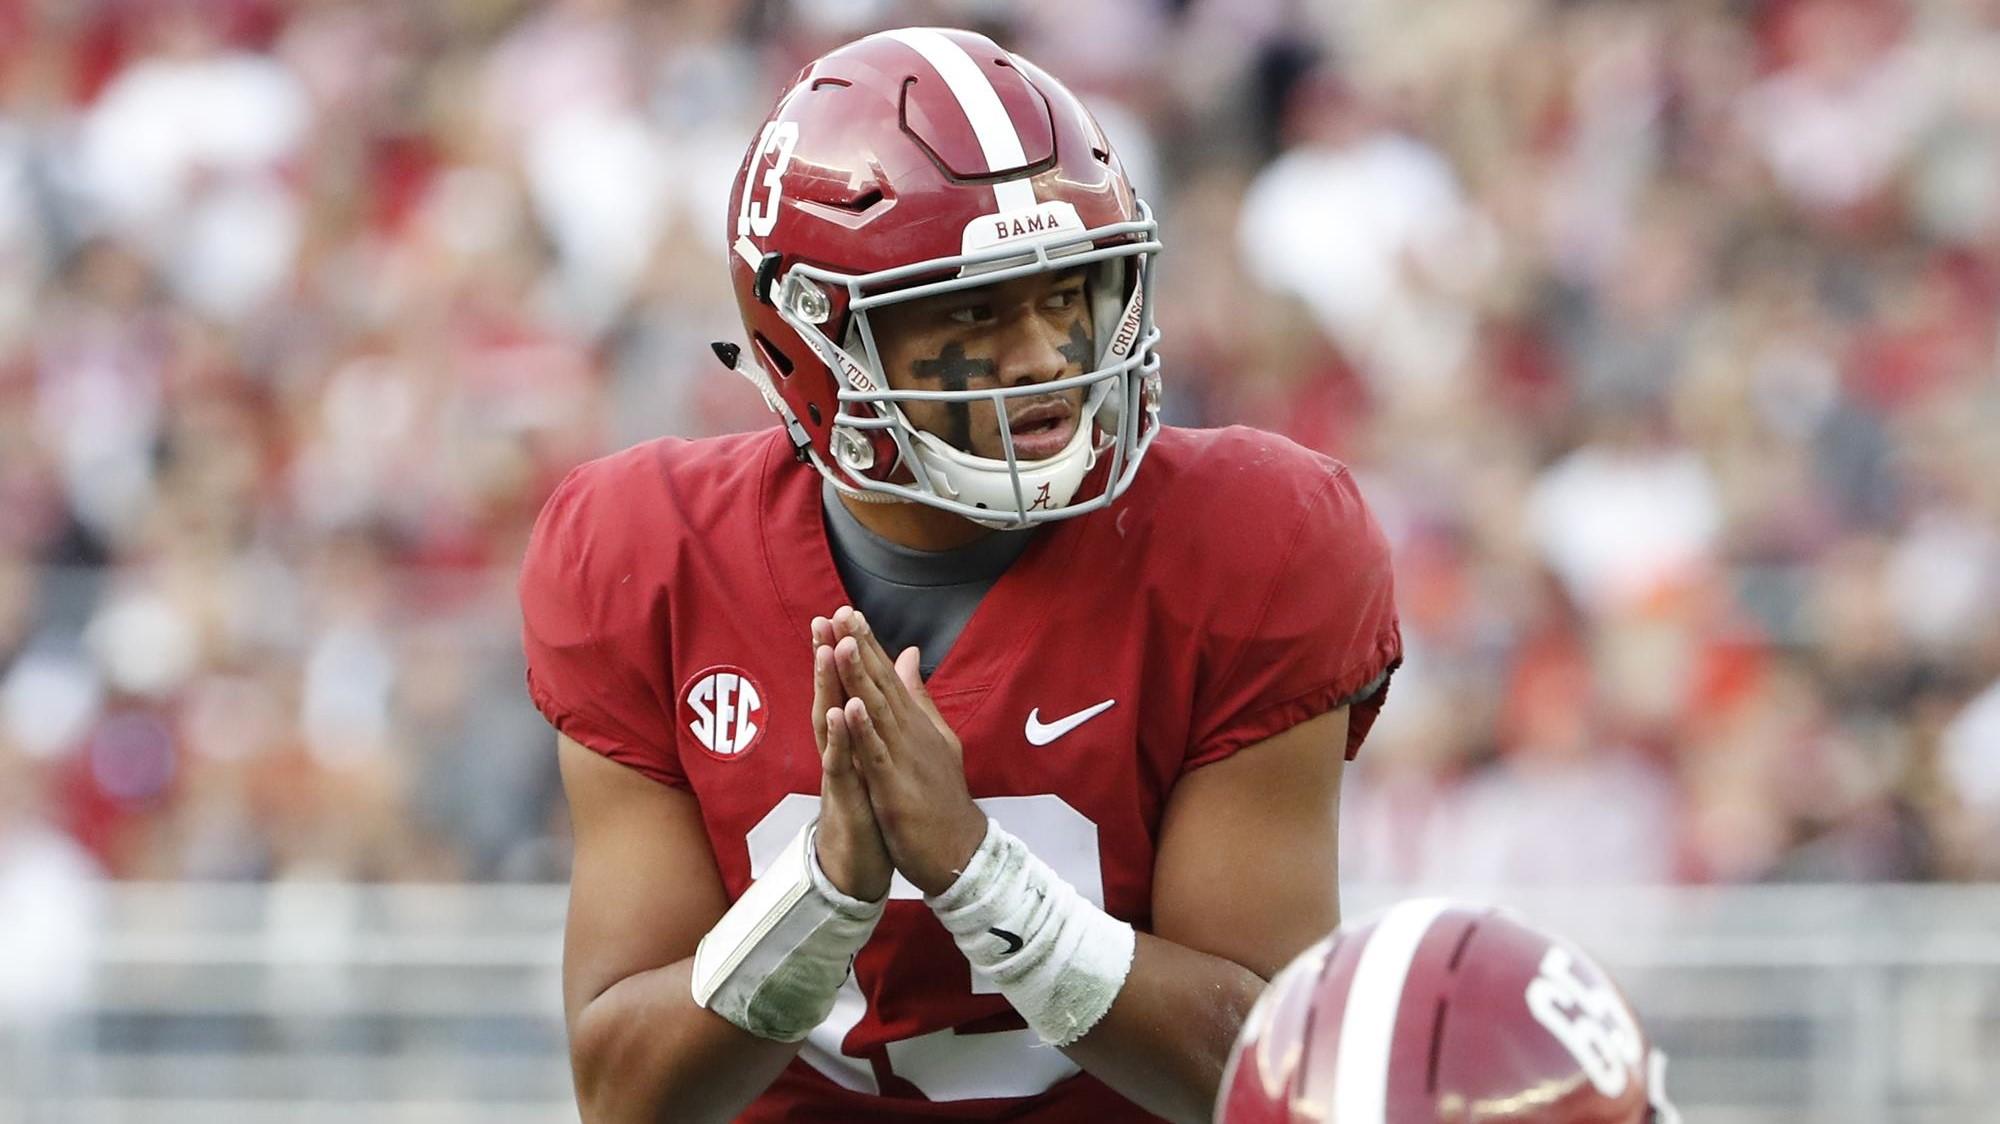 Alabama Crimson Tide quarterback Tua Tagovailoa getting ready to accept the snap against the Auburn Tigers